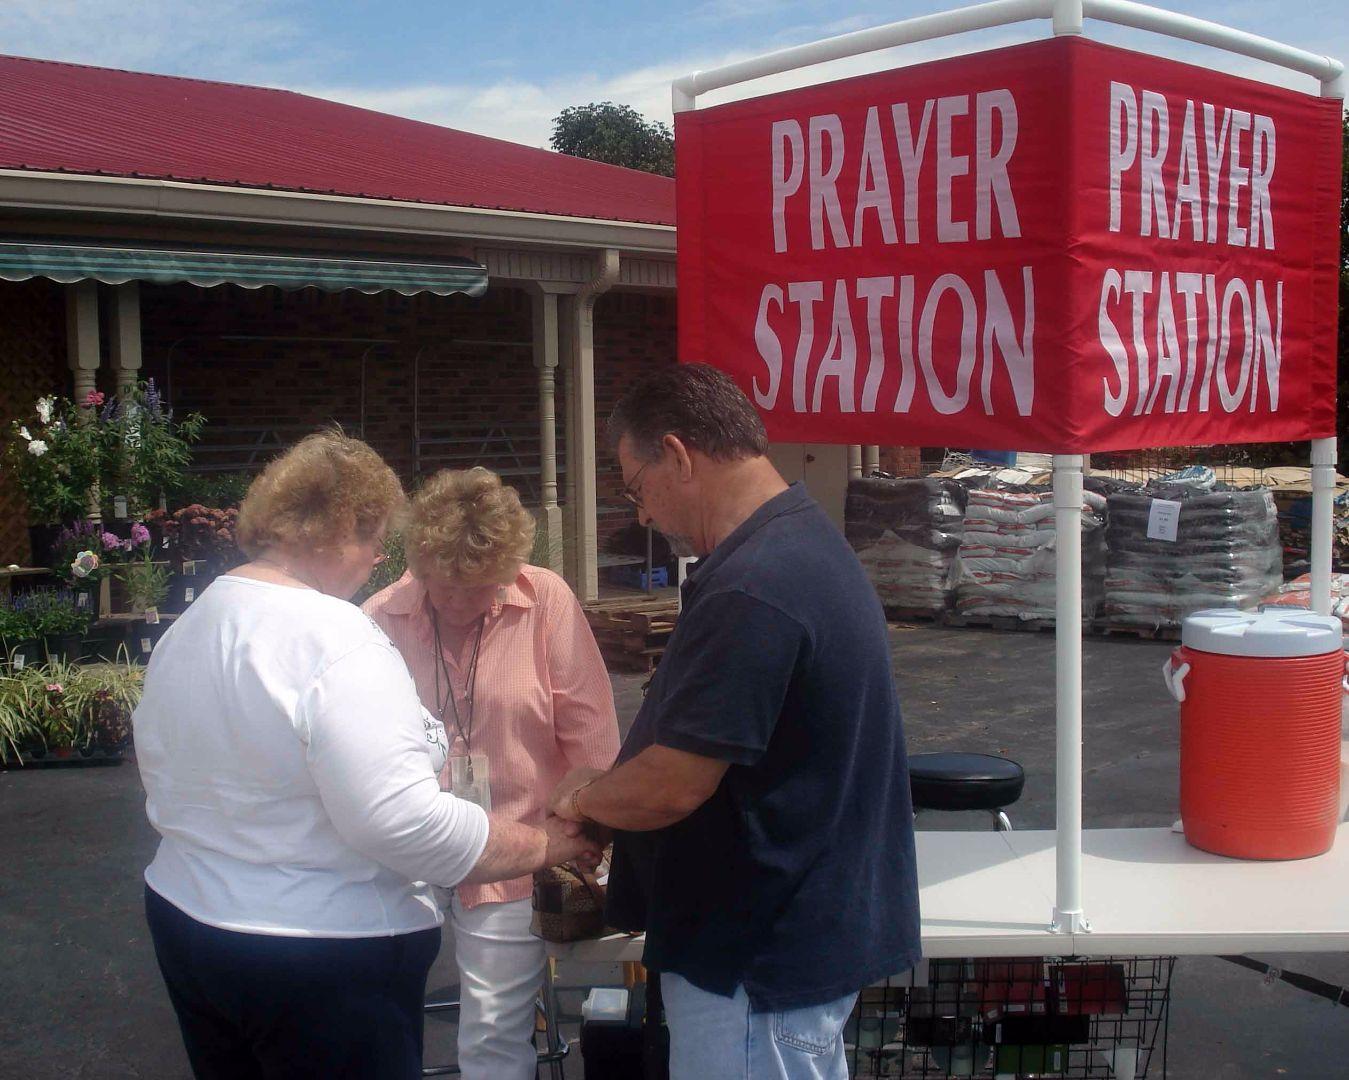 Profetische indrukken vanuit Prayerstation